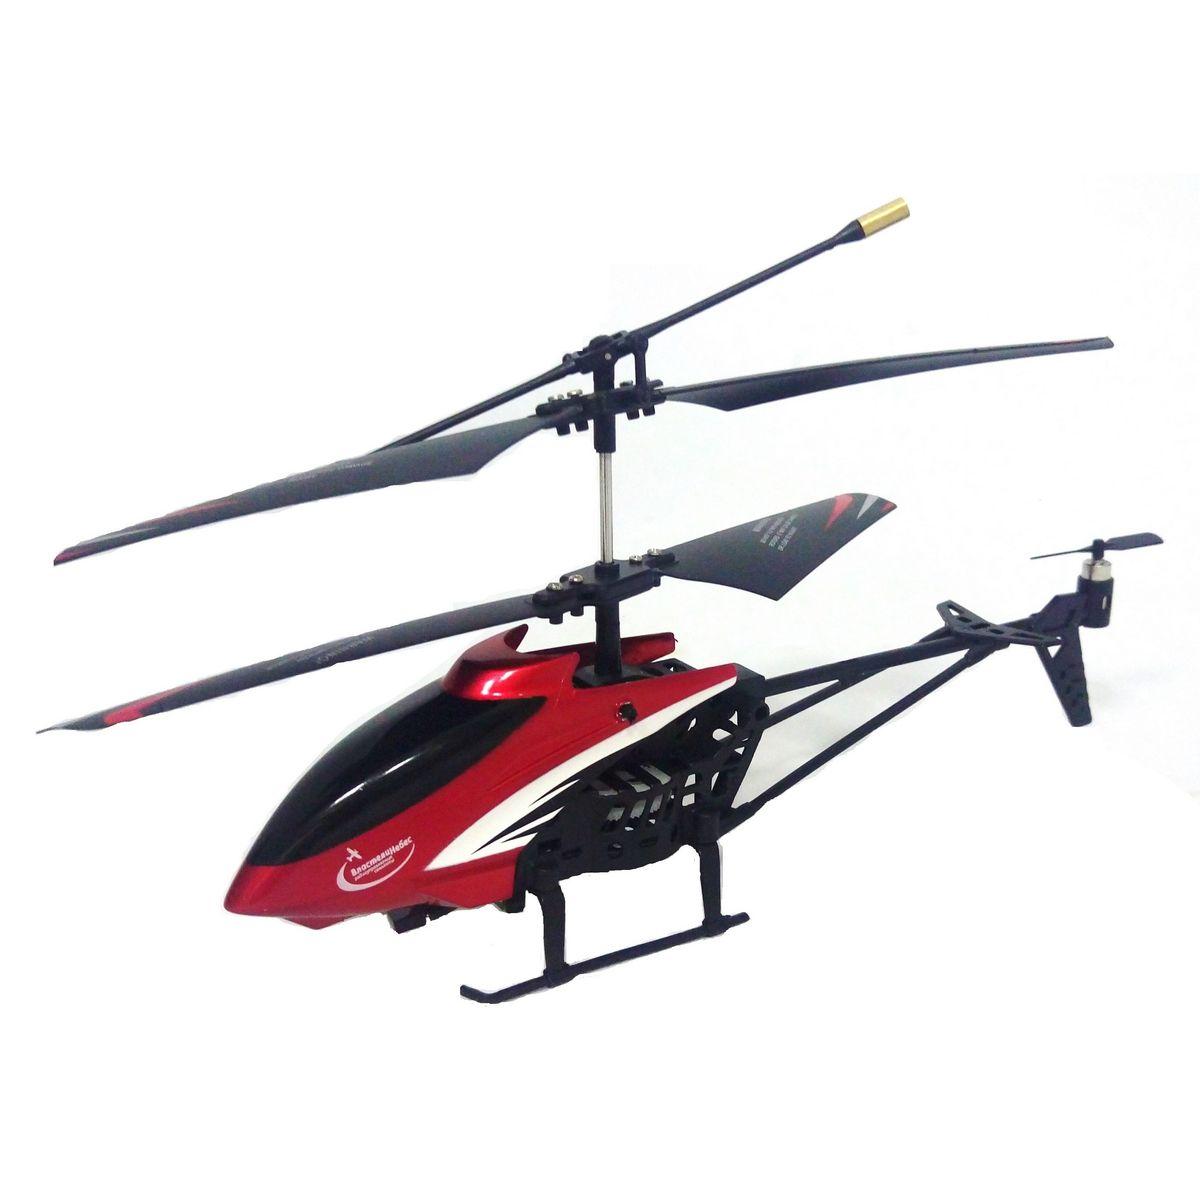 Властелин небес Вертолет на инфракрасном управлении Стрекоза цвет красный